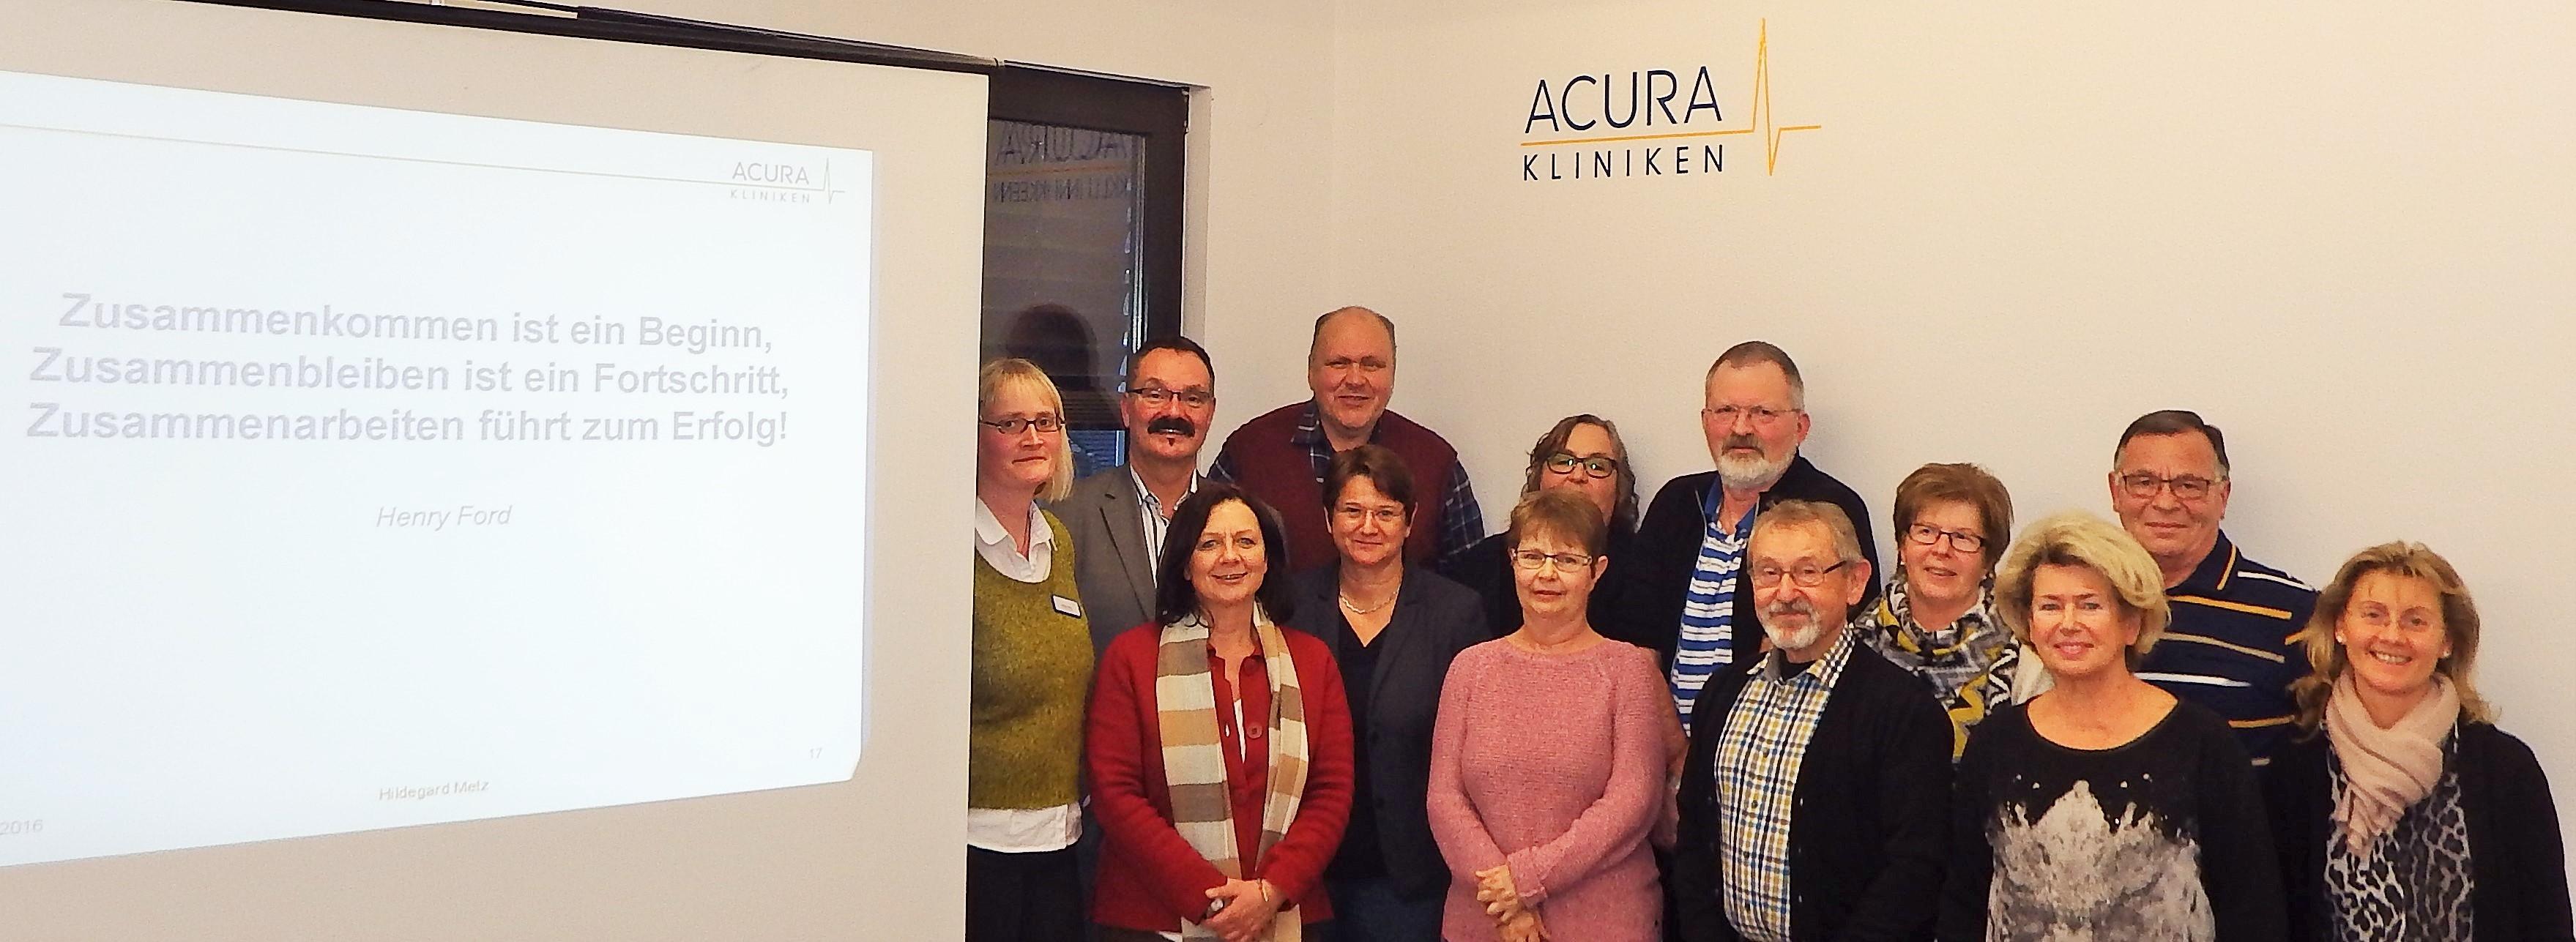 ACURA-Kliniken-Rheinland-Pfalz-Qualitätszirkel-Selbsthilfefreundlichkeit